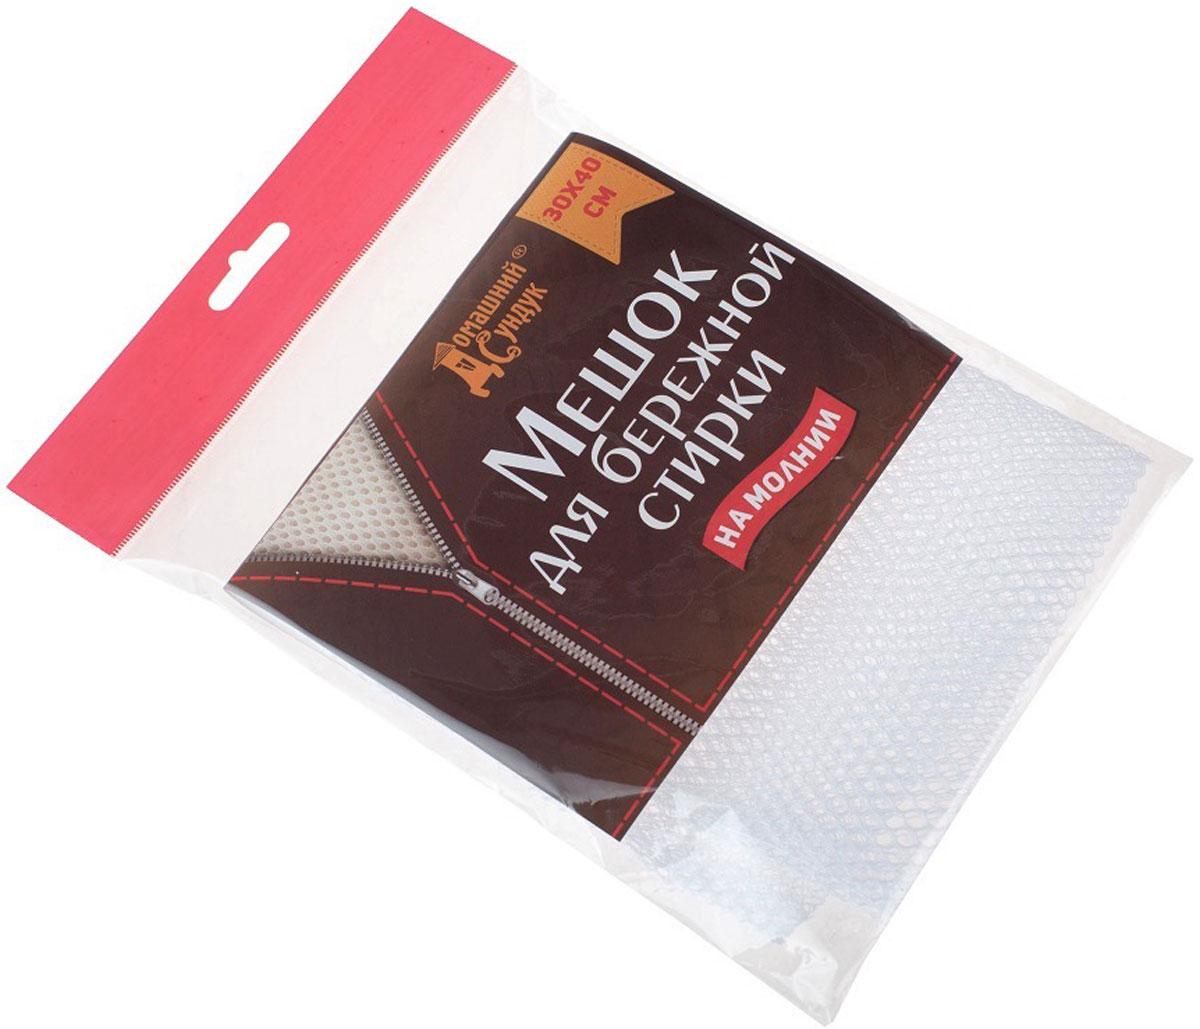 Мешок для стирки Домашний Сундук, цвет: белый, 30 х 40 смДС-85Мешок для стирки Домашний Сундук защищает тонкие ткани от повреждения, помогает сохранить форму деликатного белья, а также исключает попадание мелких предметов и детских вещей во внутренние части стиральной машины. Мешок предназначен для белья весом до 1 кг. Способ применения: Сложите в мешок подготовленное для стирки белье, застегните застежку-молнию и положите его в стиральную машину. Включите программу стирки и дайте машине полностью ее выполнить. Для более качественной стирки не рекомендуется заполнять мешок более чем на три четверти его объема.Размер мешка для стирки: 30 см х 40 см.